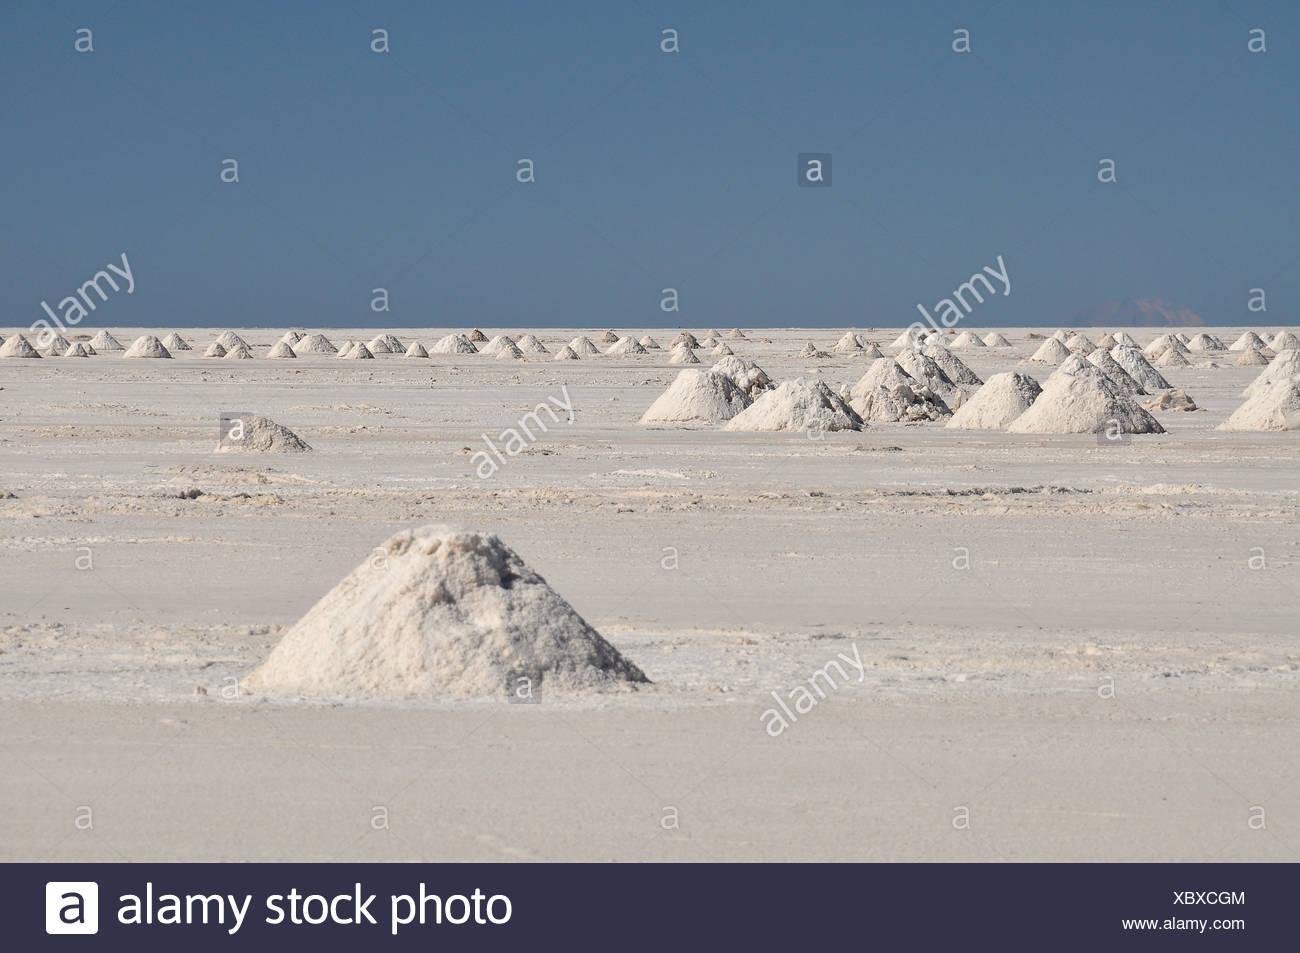 Los montones de sal en el salar de Uyuni, el salar de Uyuni, Potosí, Bolivia, América del Sur Imagen De Stock